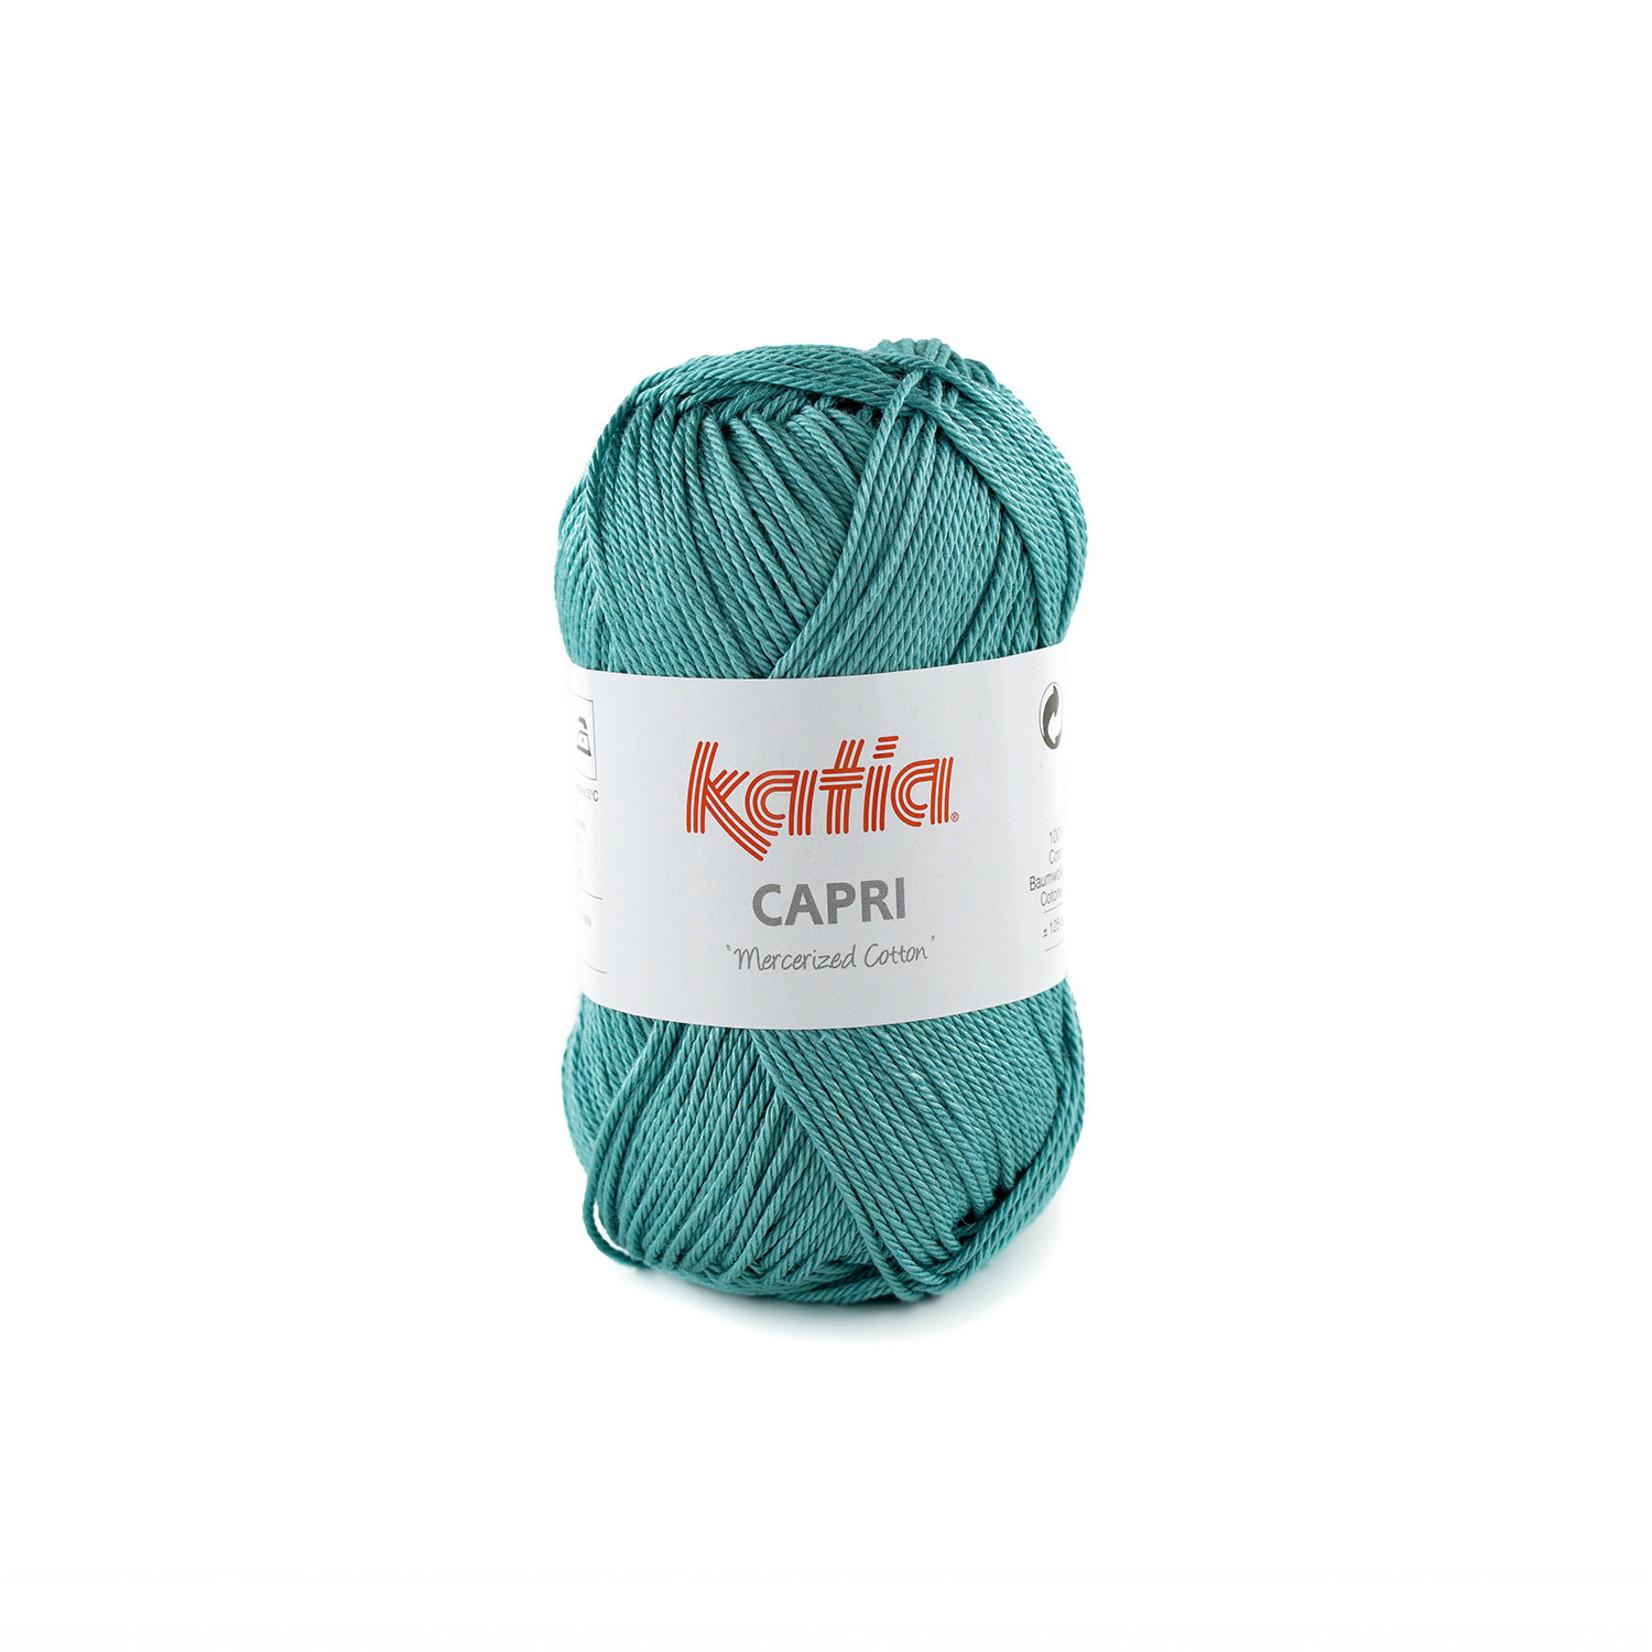 Katia Katia Capri - kleur 173 Turkooisblauw - 50 gr. = 125 m. - 100% katoen